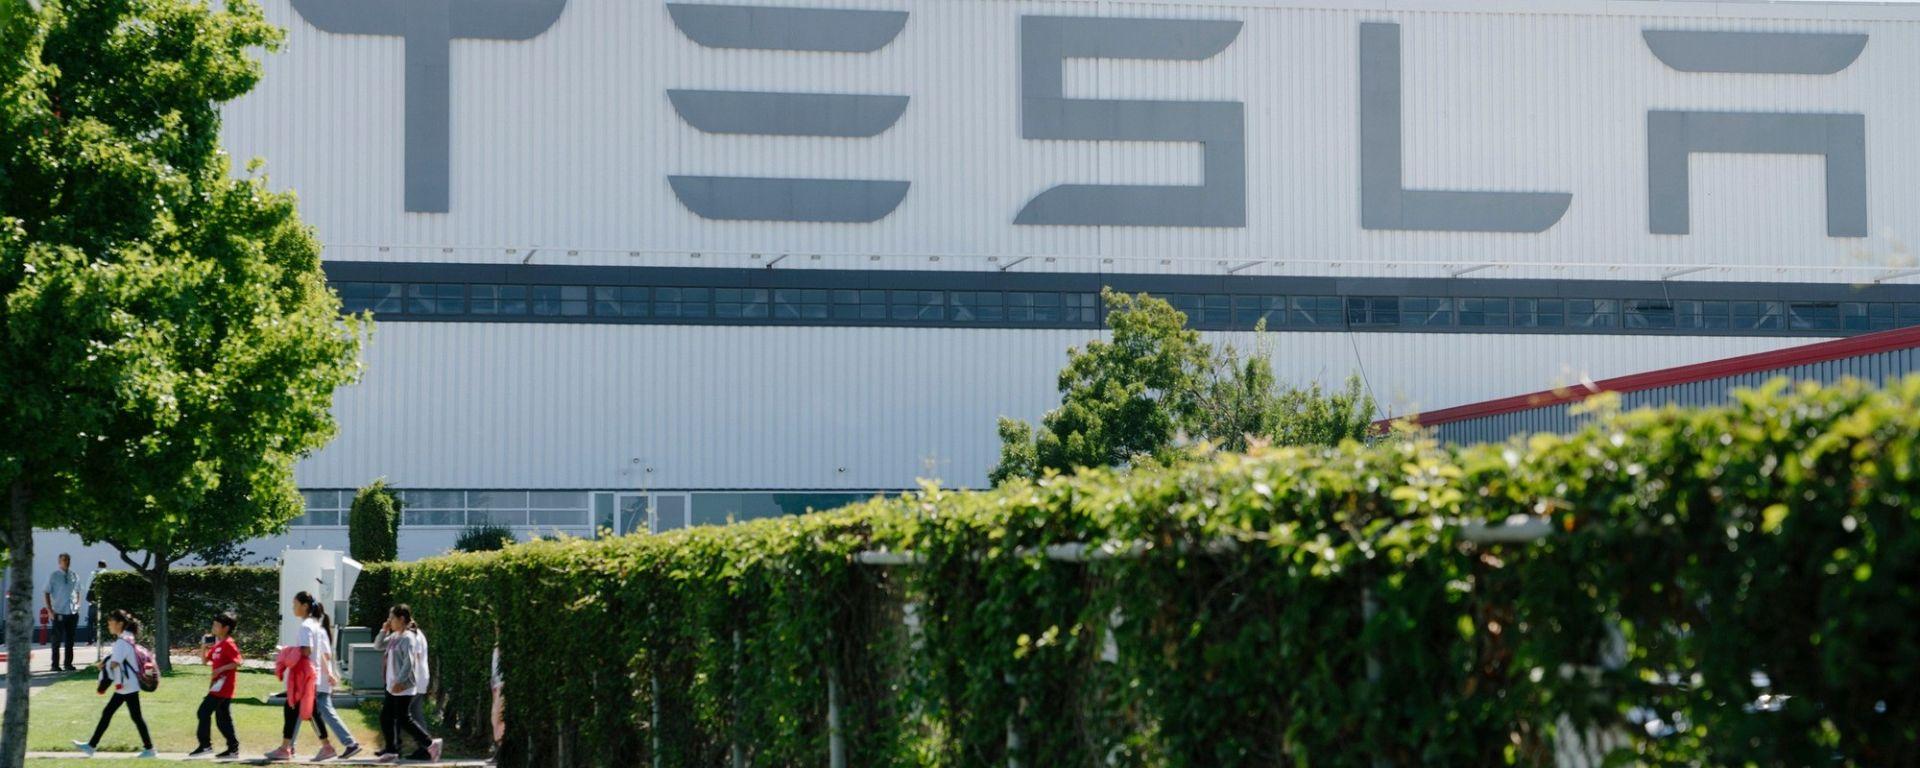 Tesla alla conquista delle fabbriche GM?